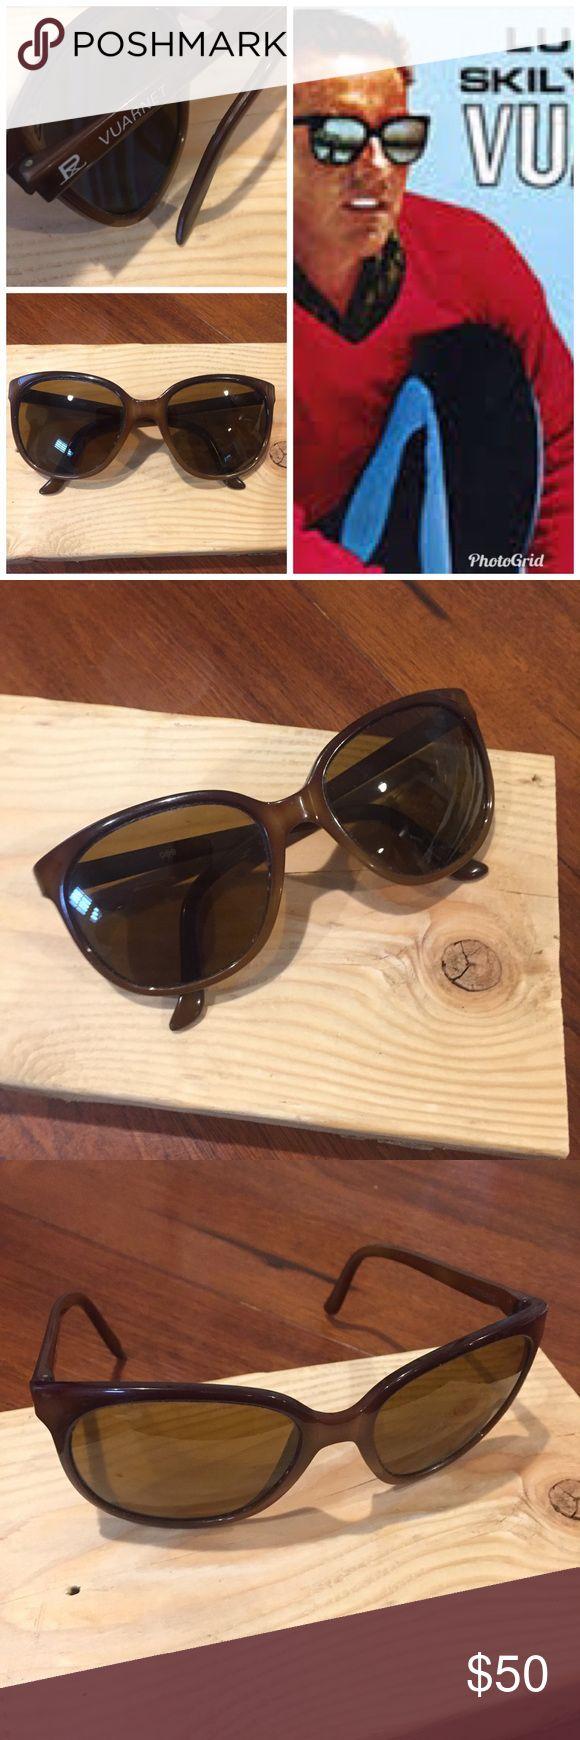 Vintage 80s vuarnet ski sunglasses Vintage 80s vuarnet ski sunglasses great vintage condition Vuarnet Accessories Sunglasses